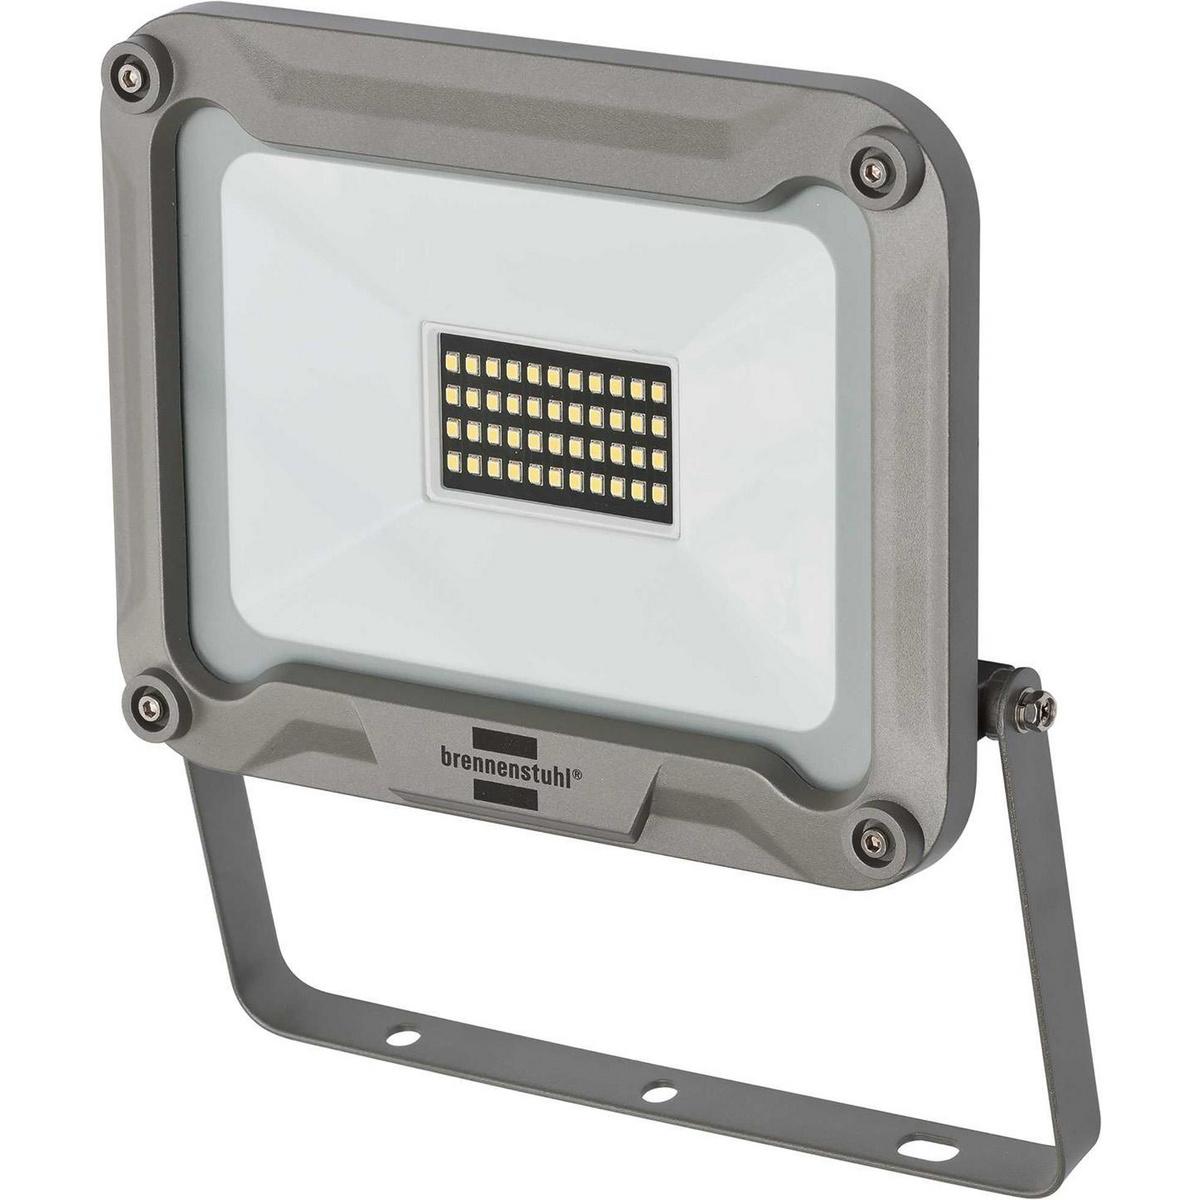 Convient pour une installation intérieure et extérieure, IP 65. Lampe 30 WLED puissante avec puce pour montage mural, avec une distribution de lumière extra large pour l'éclairage d'une grande surface. Idéal pour les amateurs, les ateliers et les chantier